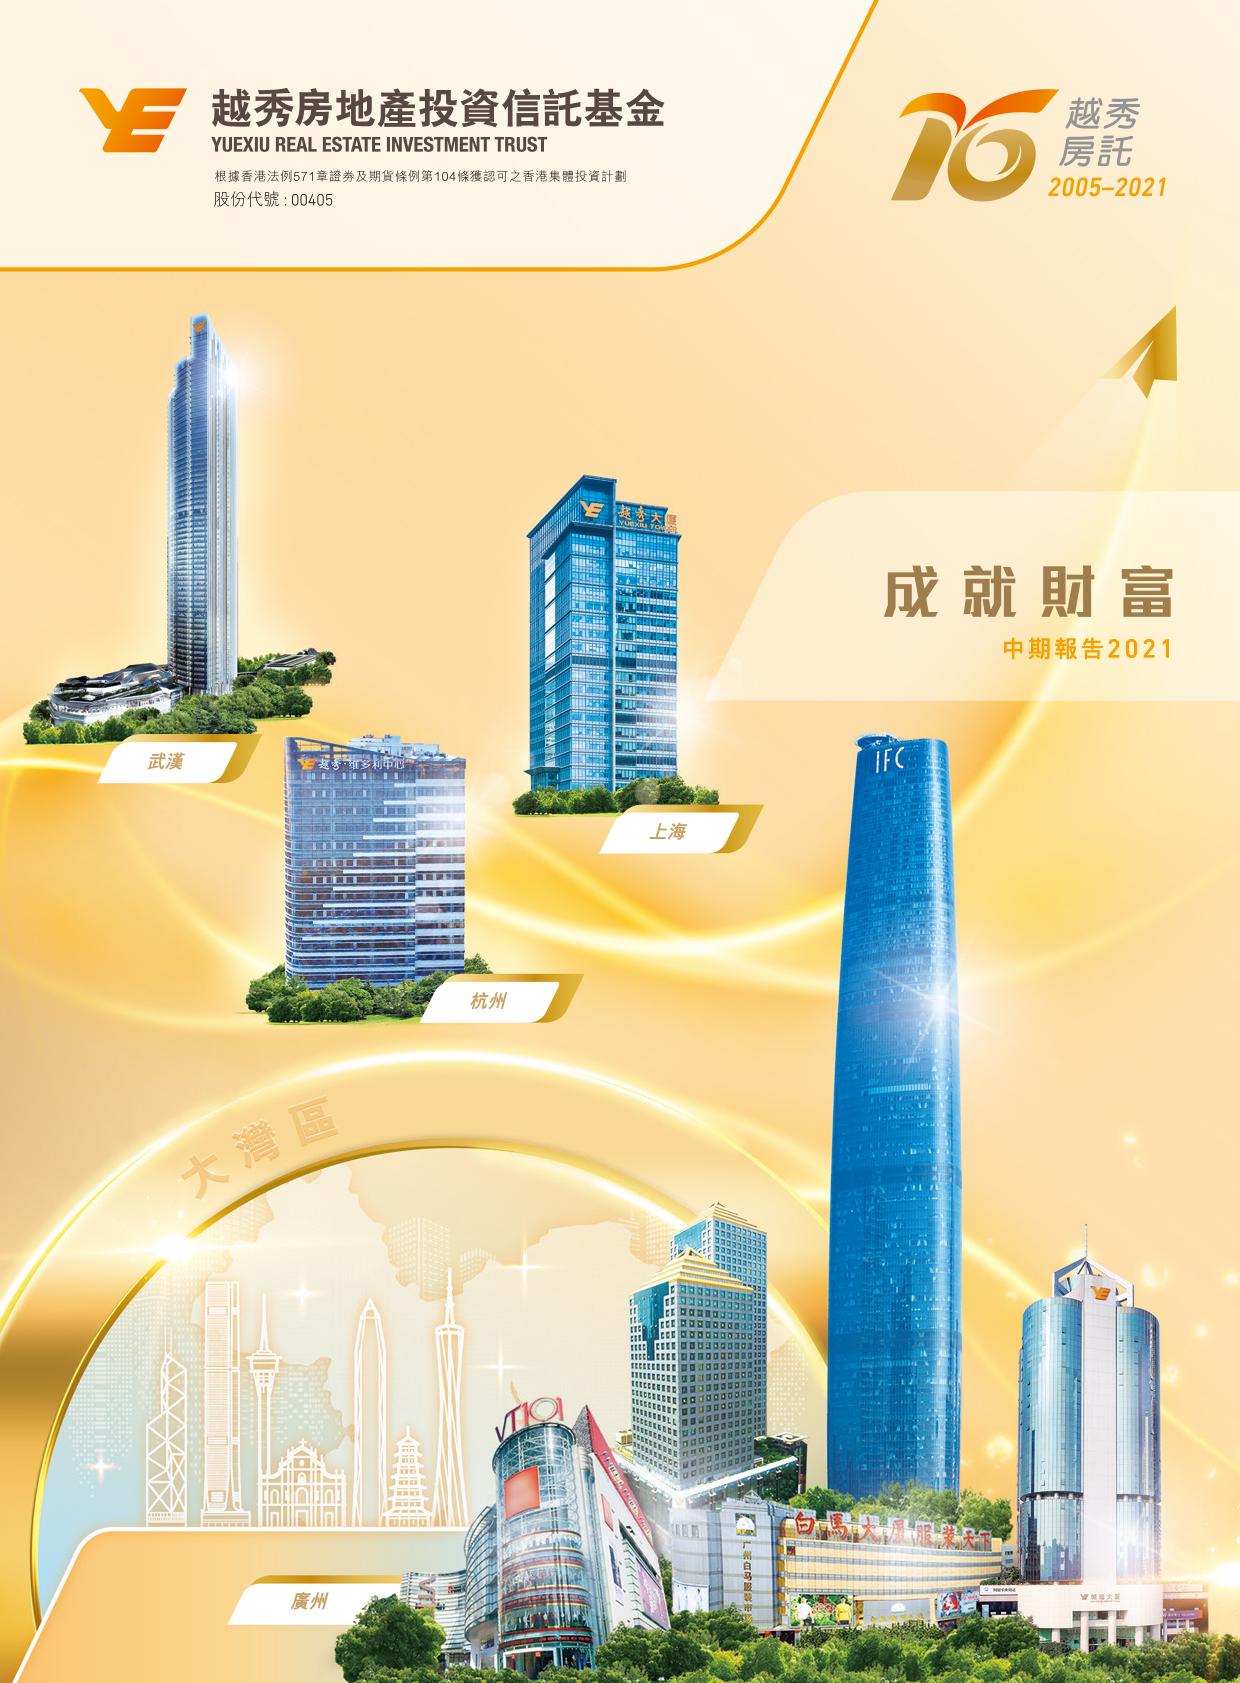 越秀房地產投資信託基金